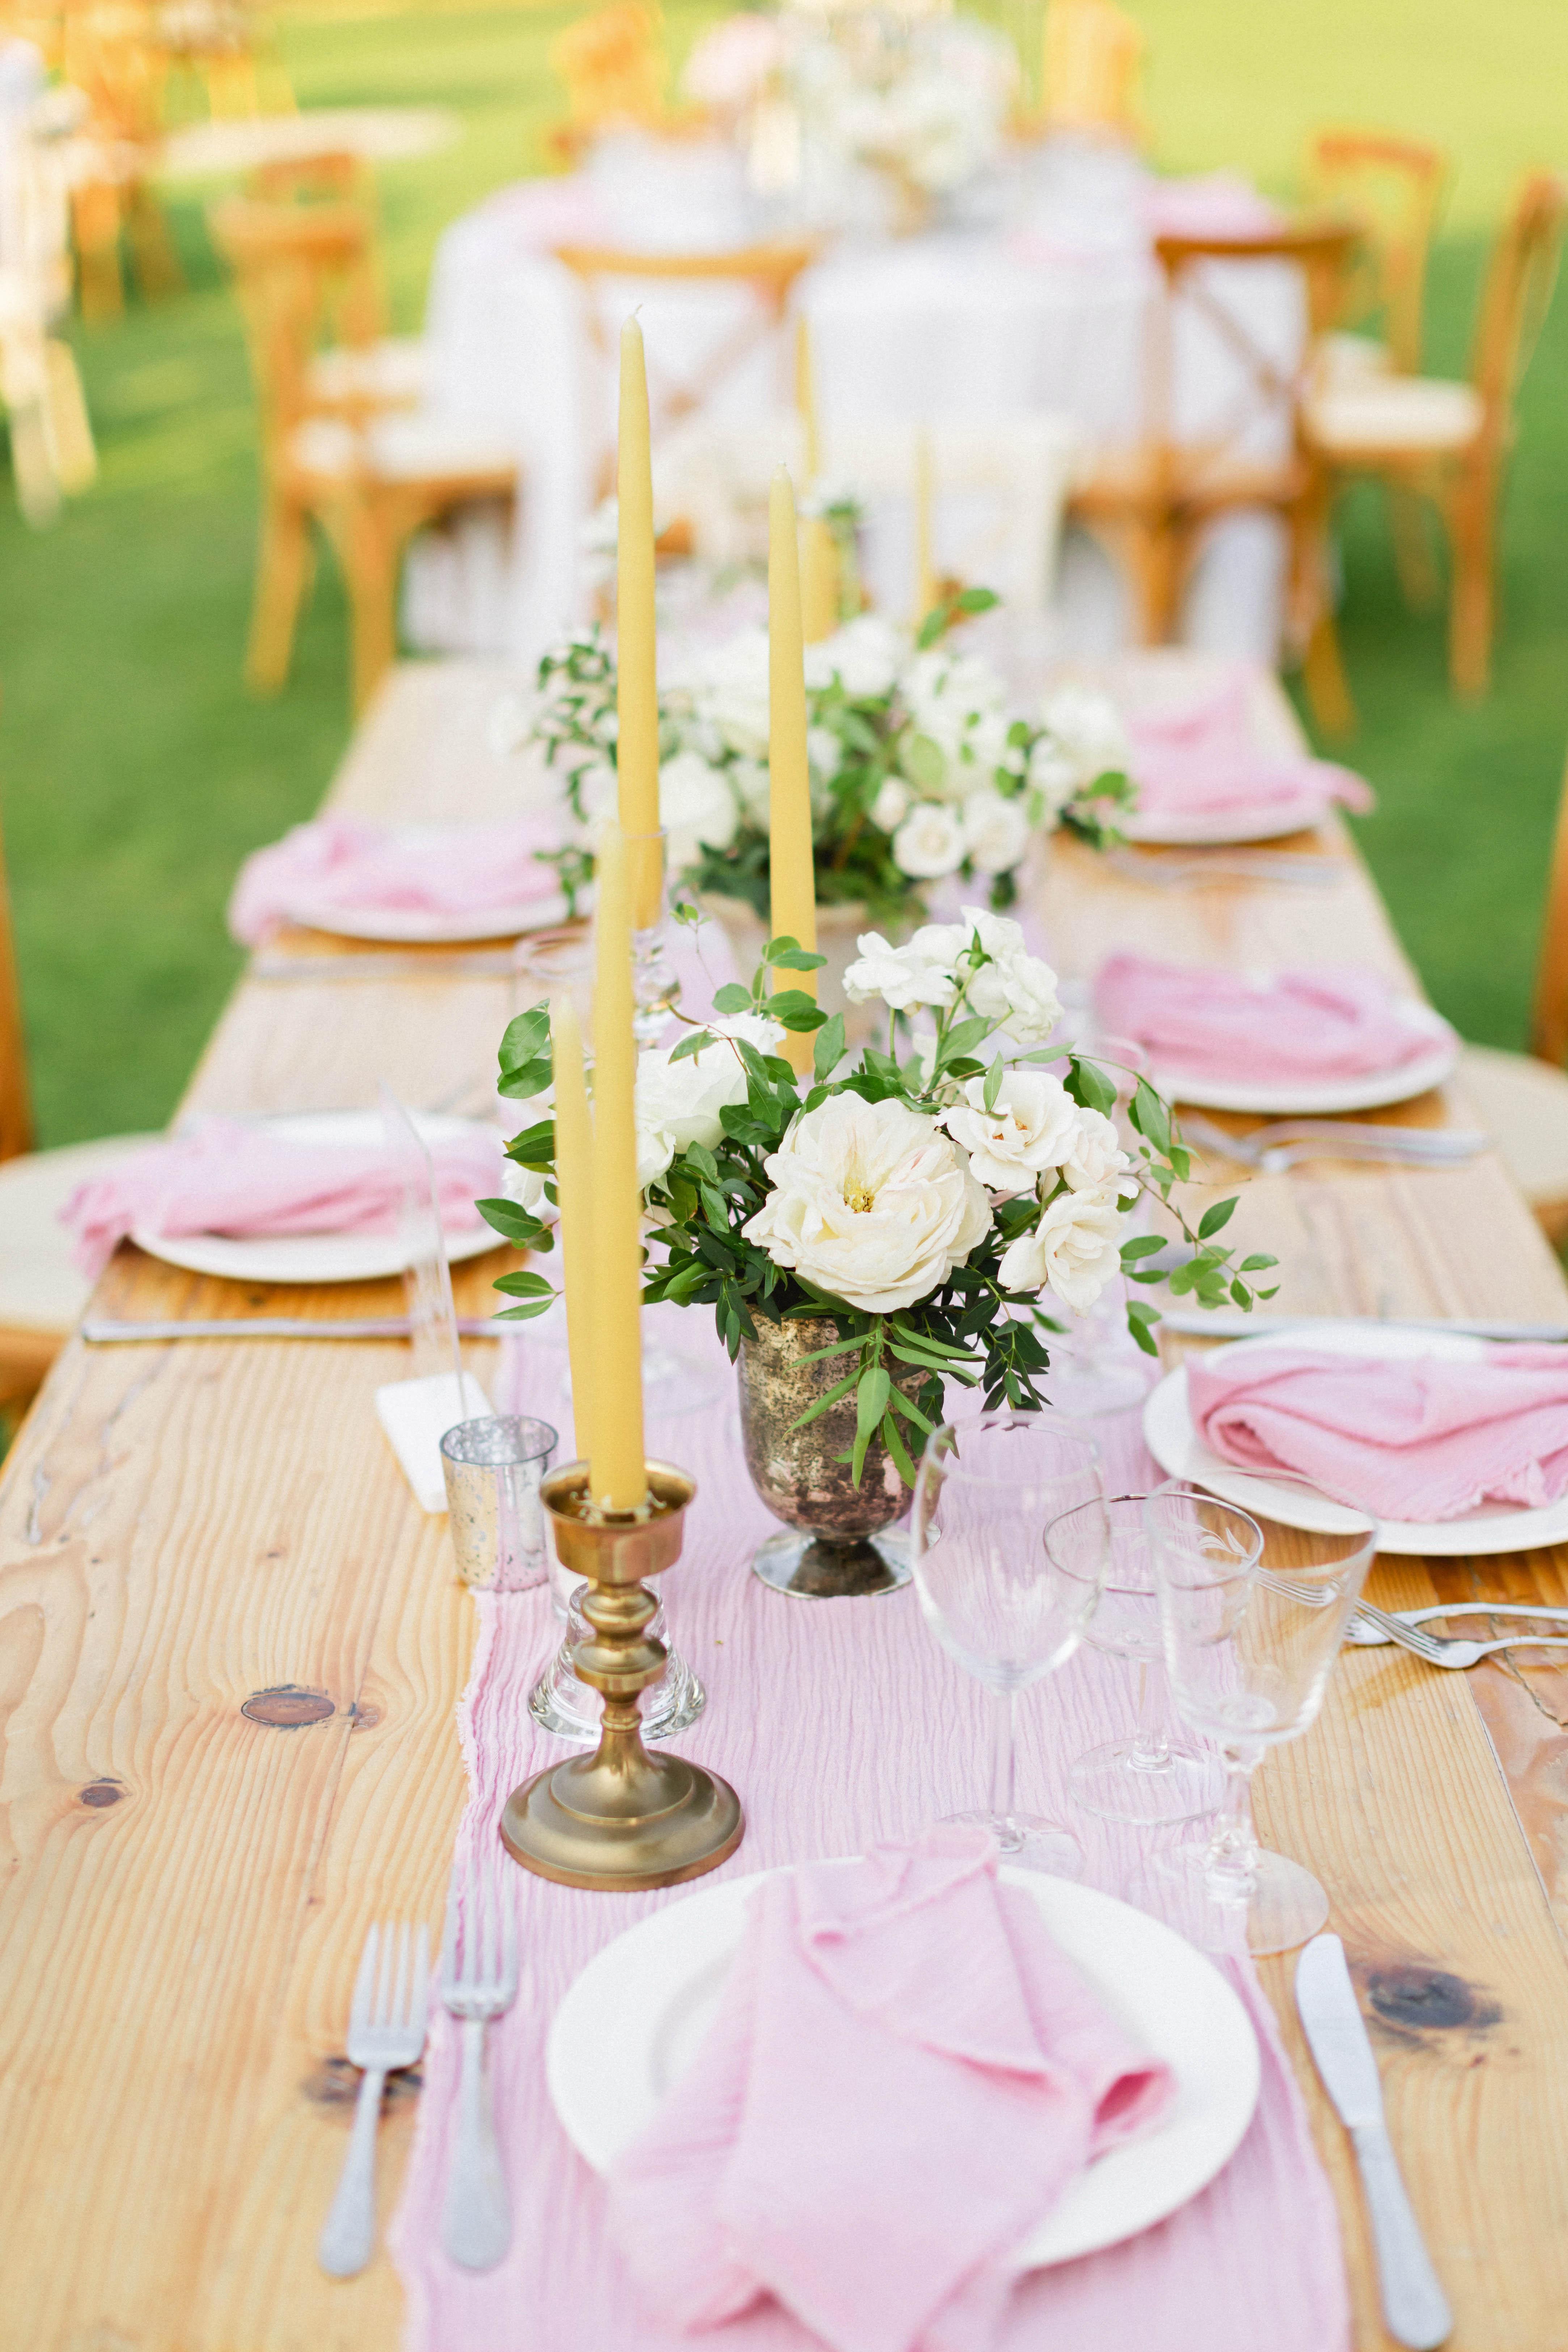 Popular Wedding Centerpiece Types | Martha Stewart Weddings